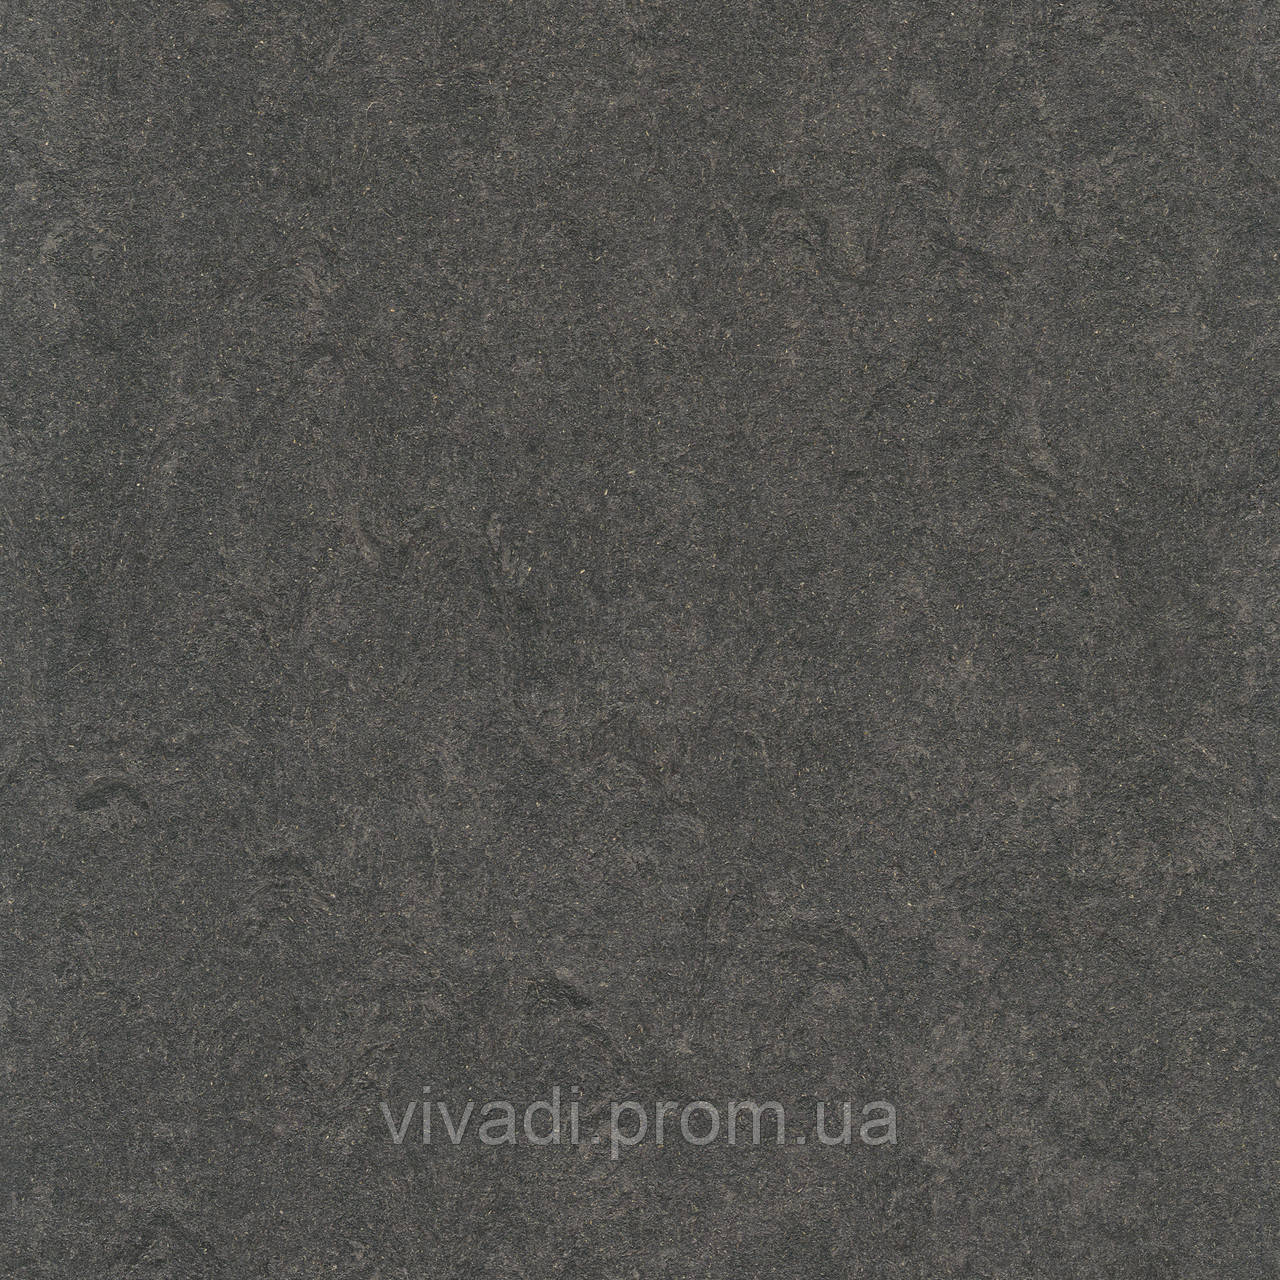 Натуральний лінолеум Marmorette PUR - колір 125-160